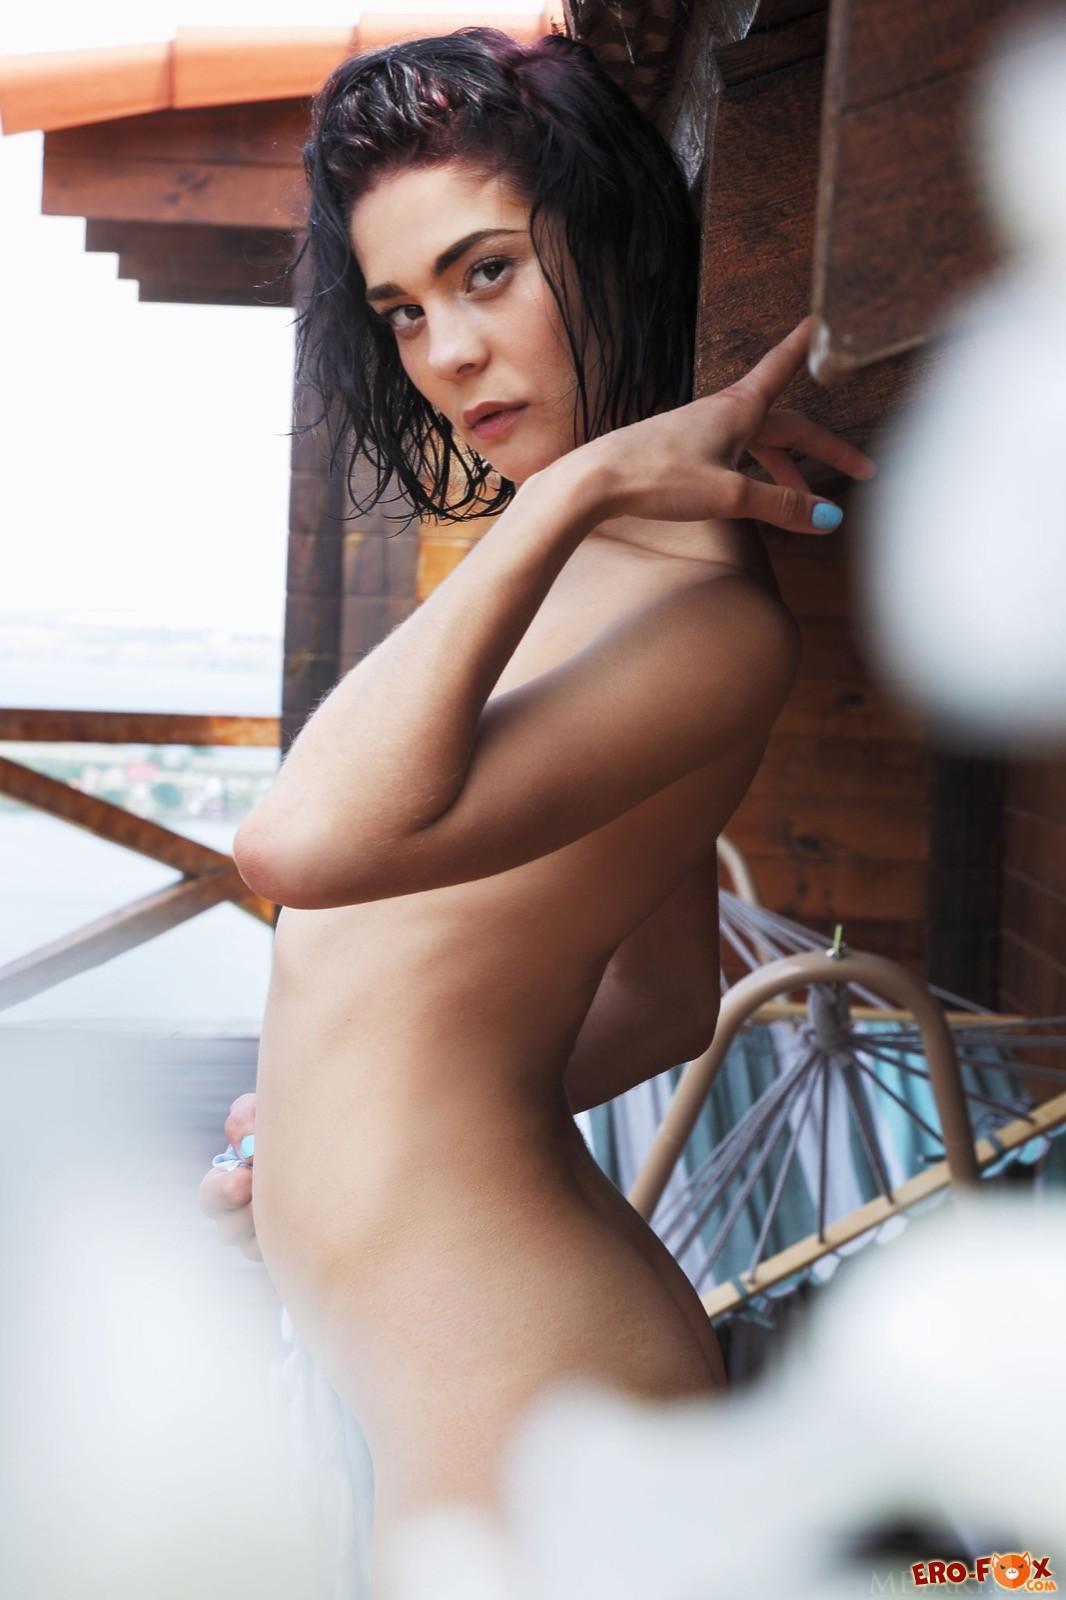 Мокрая девушка с темными волосами разделась у бассейна - фото